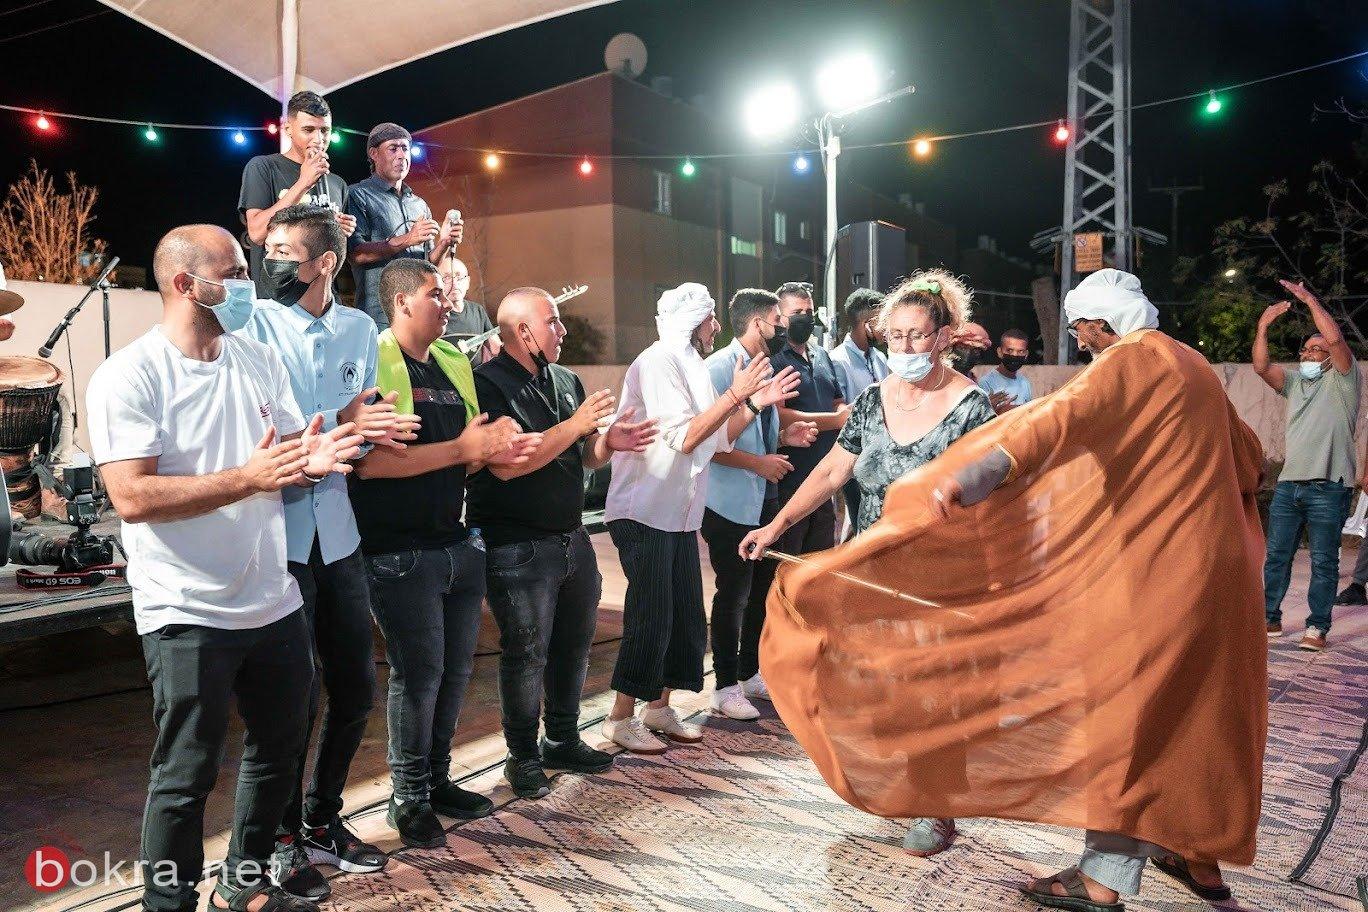 مسرح اليمامة ينظم أمسية ثقافية فنية في مدينة ديمونا-2